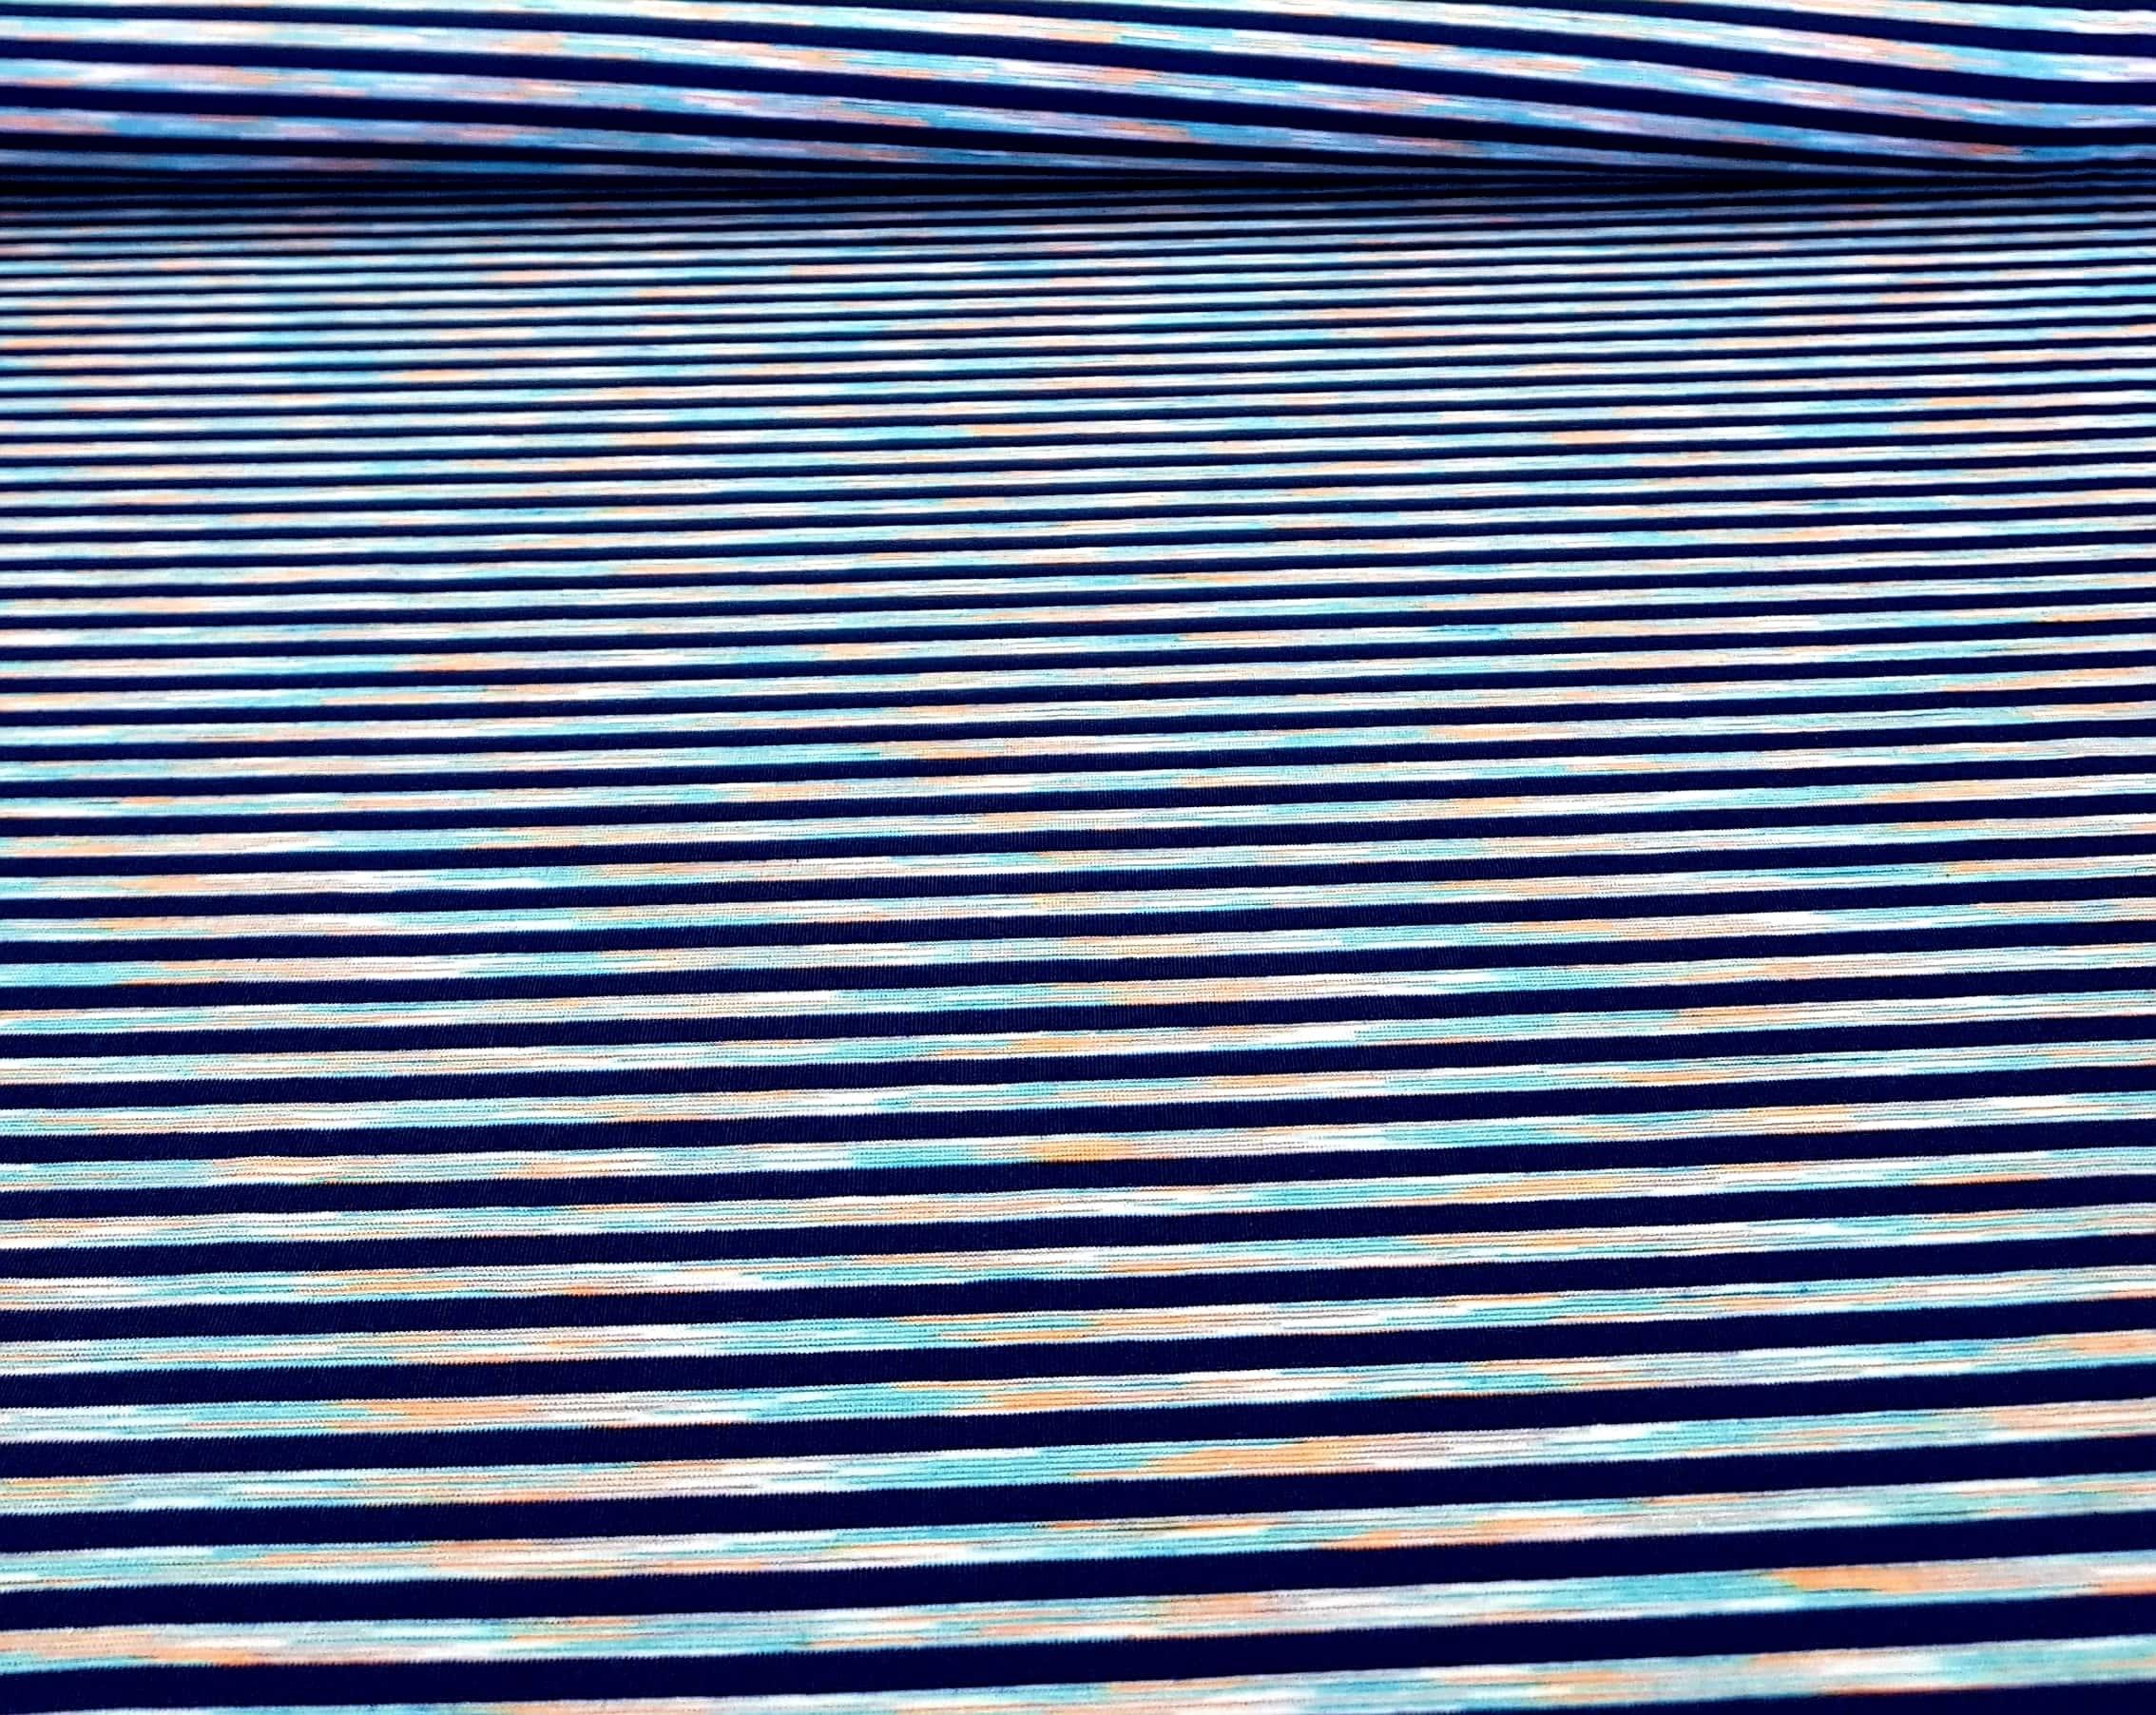 bedruktetricotmetstreepdonkerblauwturquisezalm-min